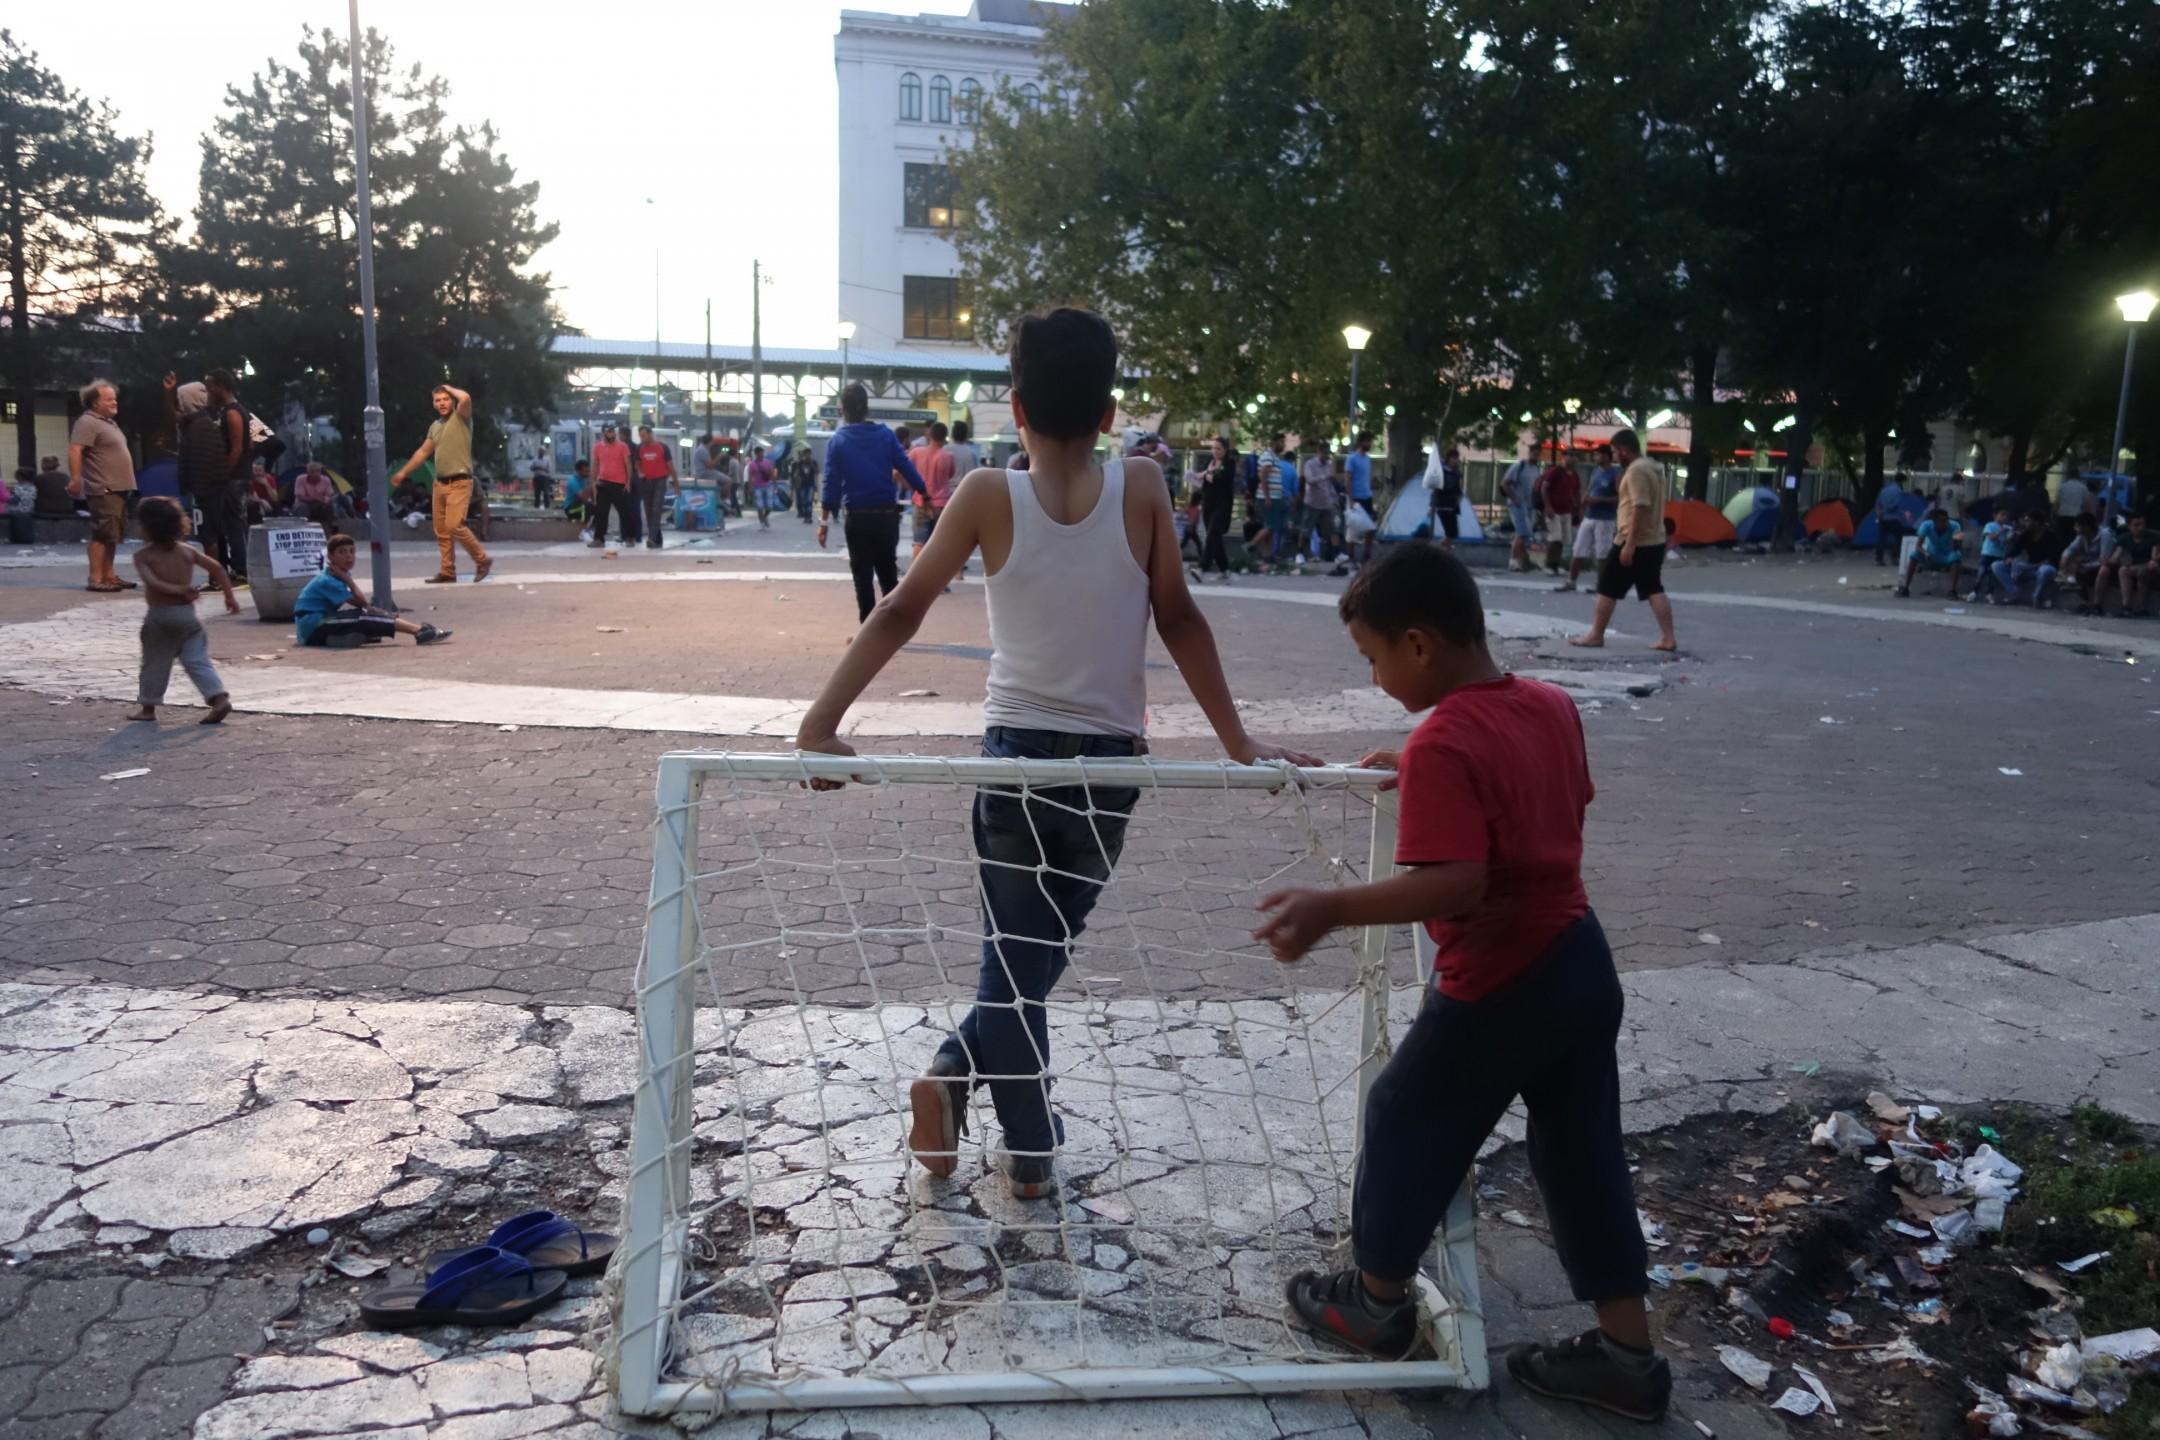 Vluchtelingen in Belgrado spelen voetbal